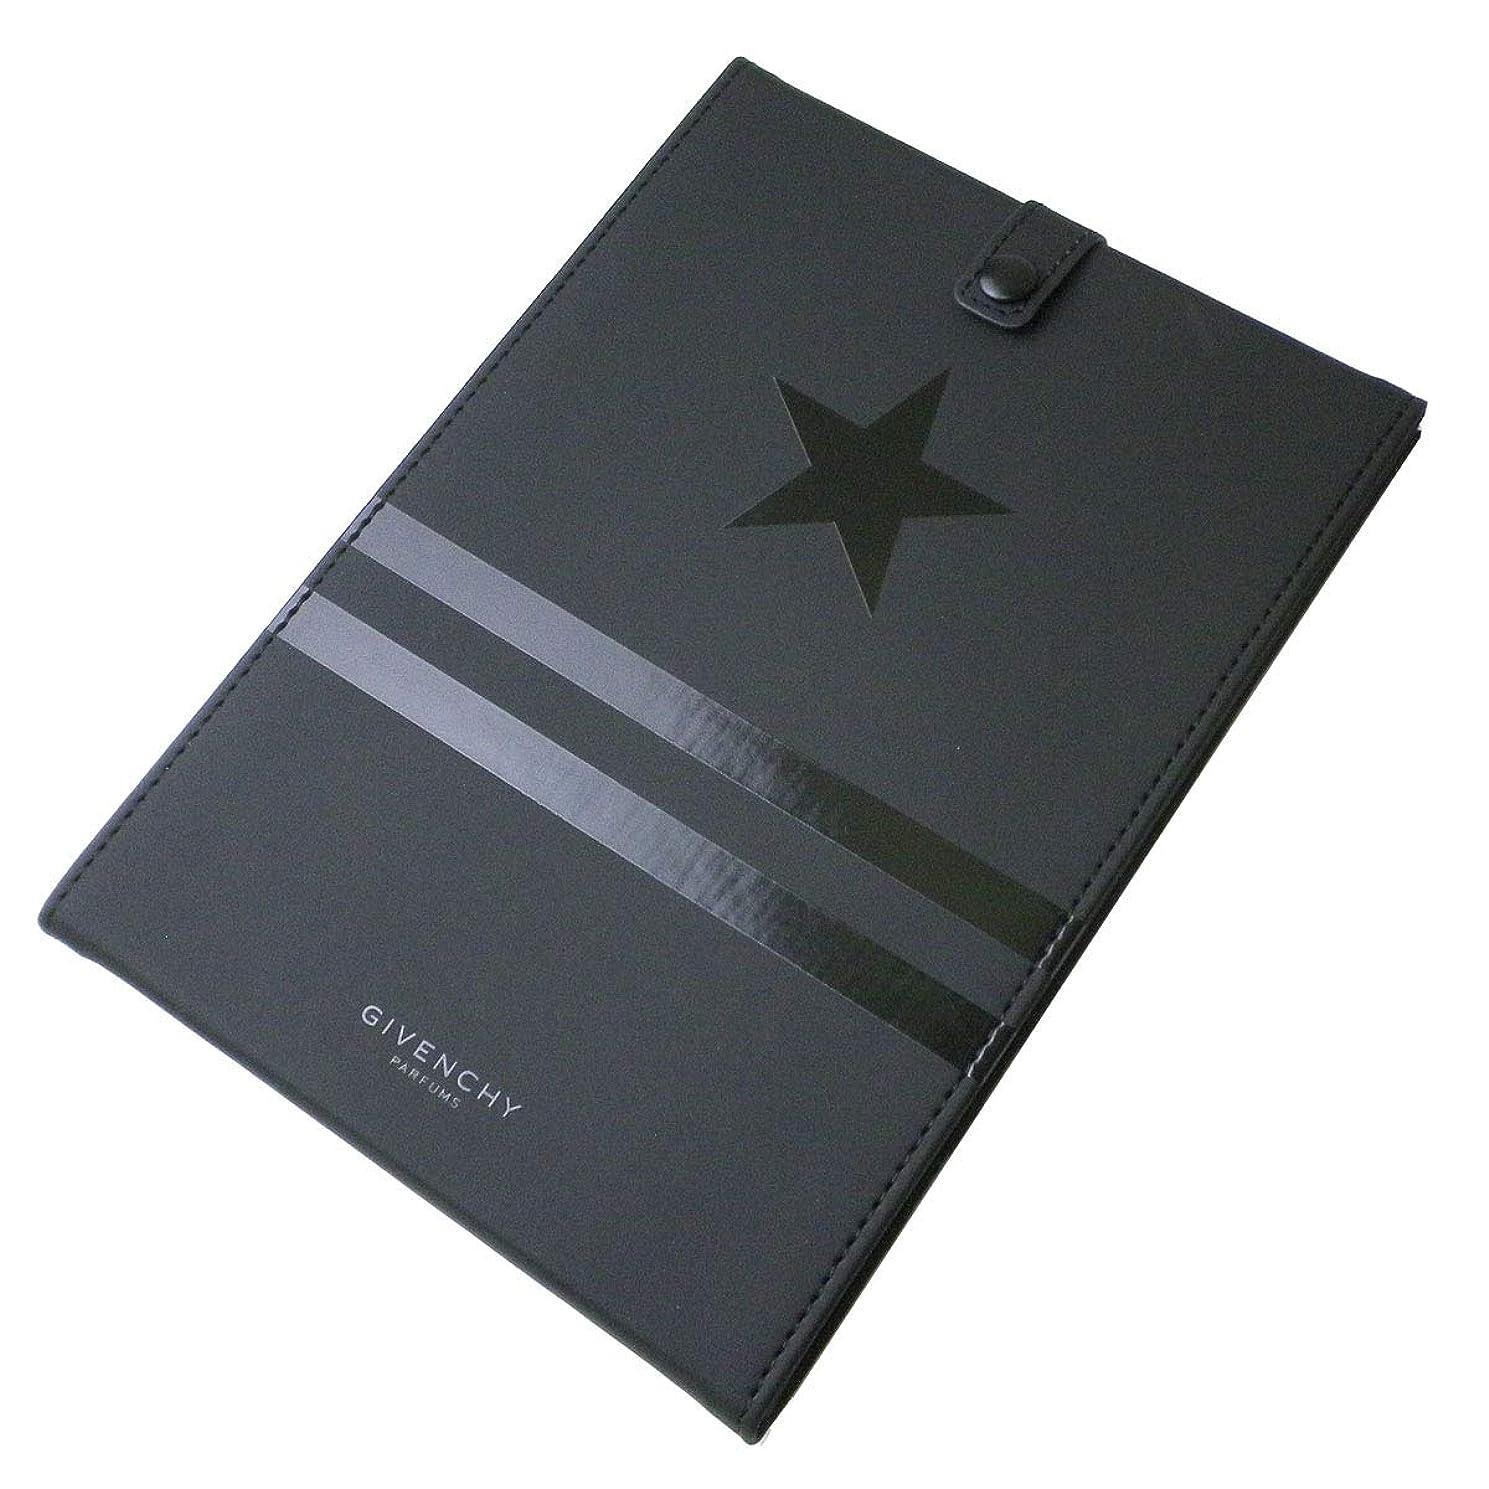 ペインポゴスティックジャンプどういたしまして(ジバンシー) GIVENCHY ミラー 鏡 黒 ブラック 星 スター 星 ライン ロゴ カバー ラバー モノグラム オータム スタンド 折りたたみ 化粧 メイク コスメ